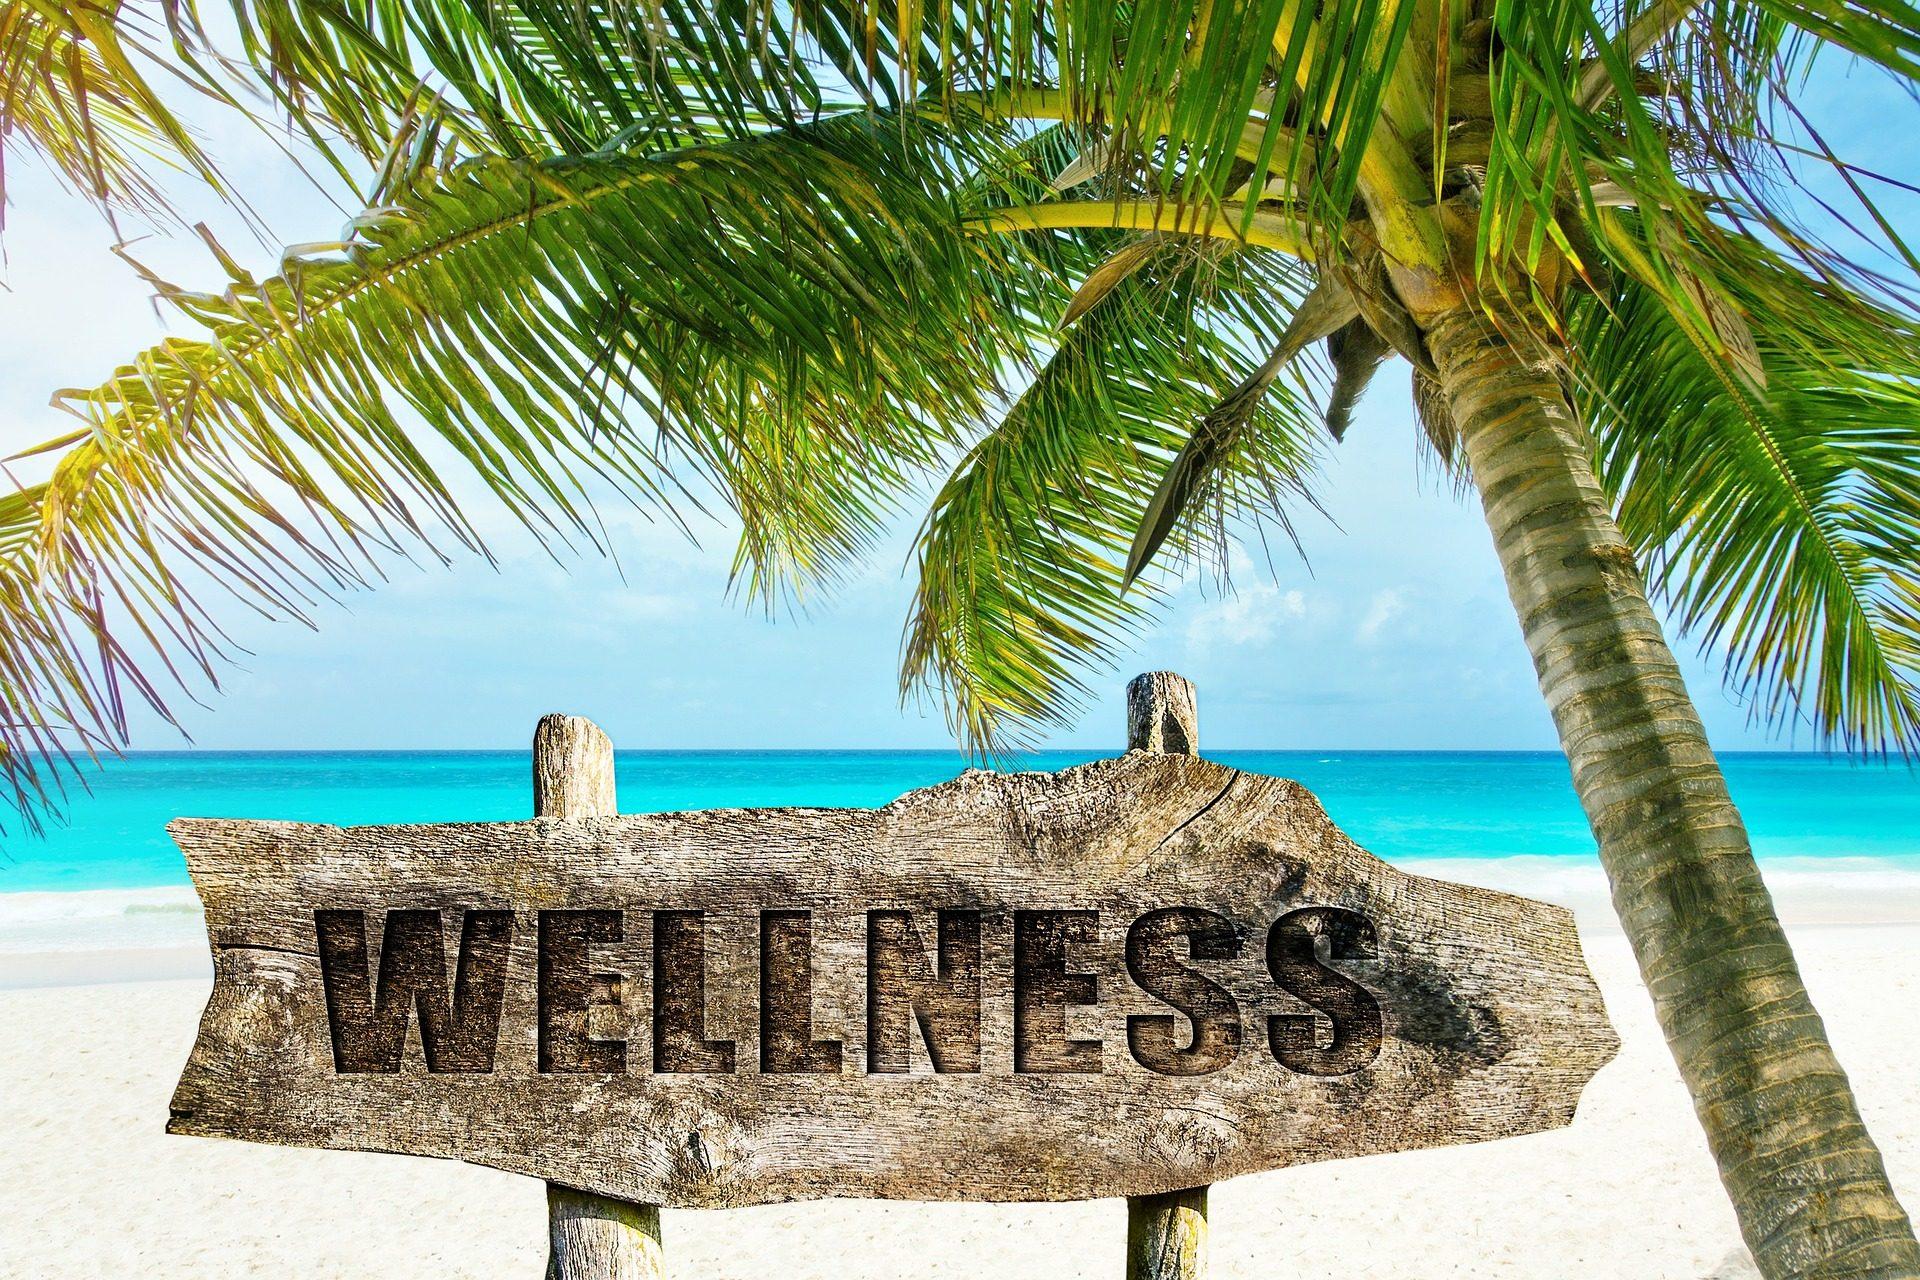 Wellnessurlaub in Deutschland 65 % günstiger ab 199,99 anstatt 576,00€